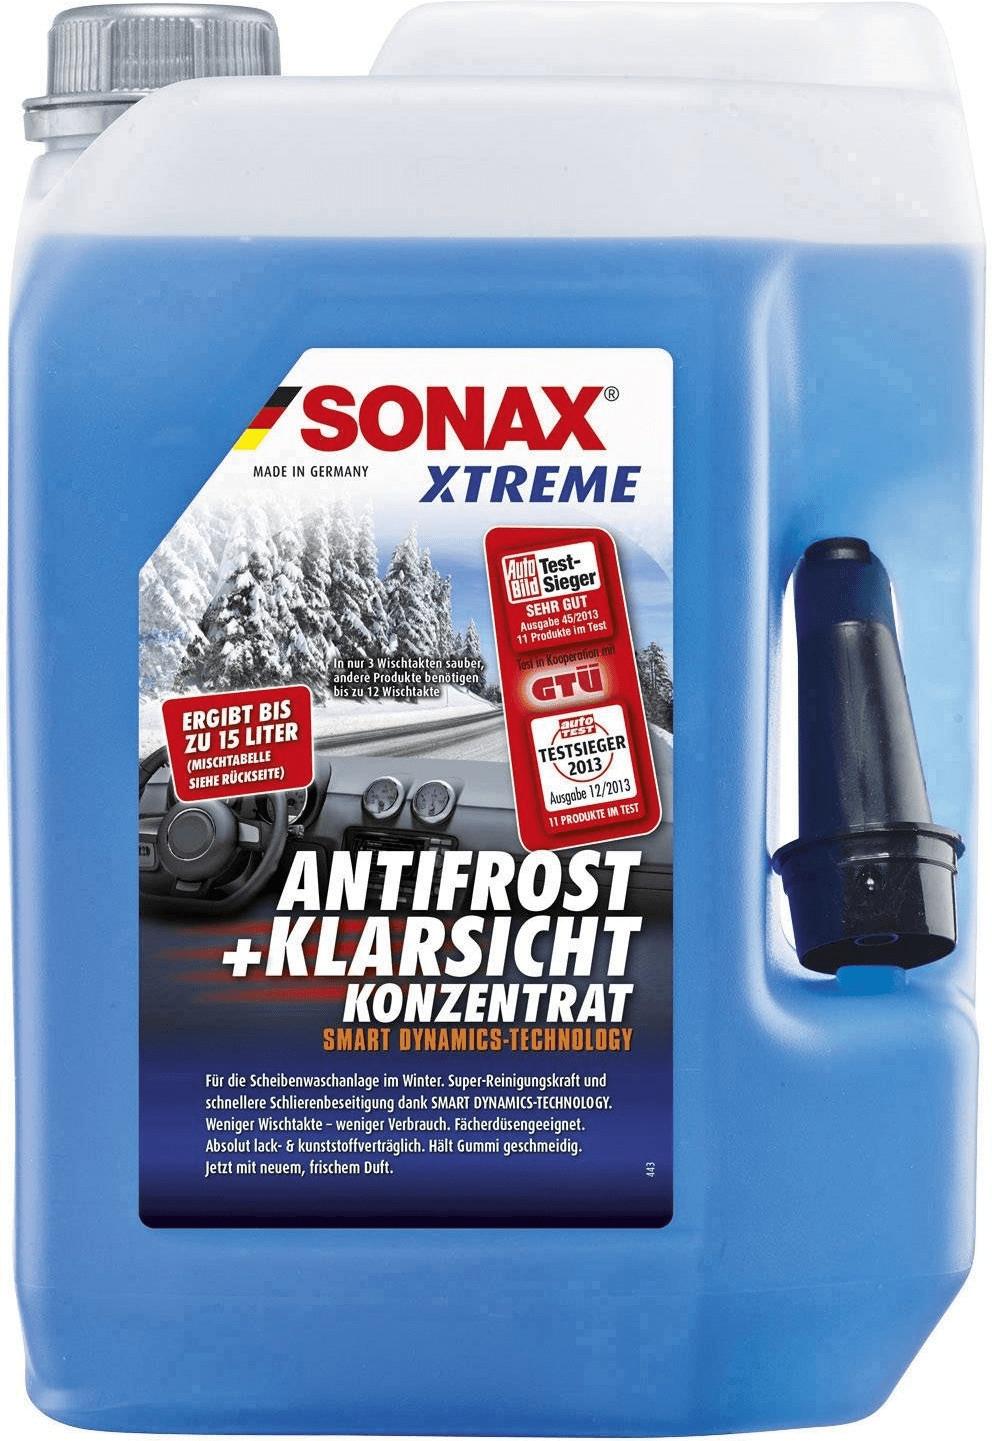 SONAX XTREME AntiFrost+KlarSicht Konzentrat (5 Liter) ergibt bis zu 15 Liter (Lokal Berlin kfzteile24)